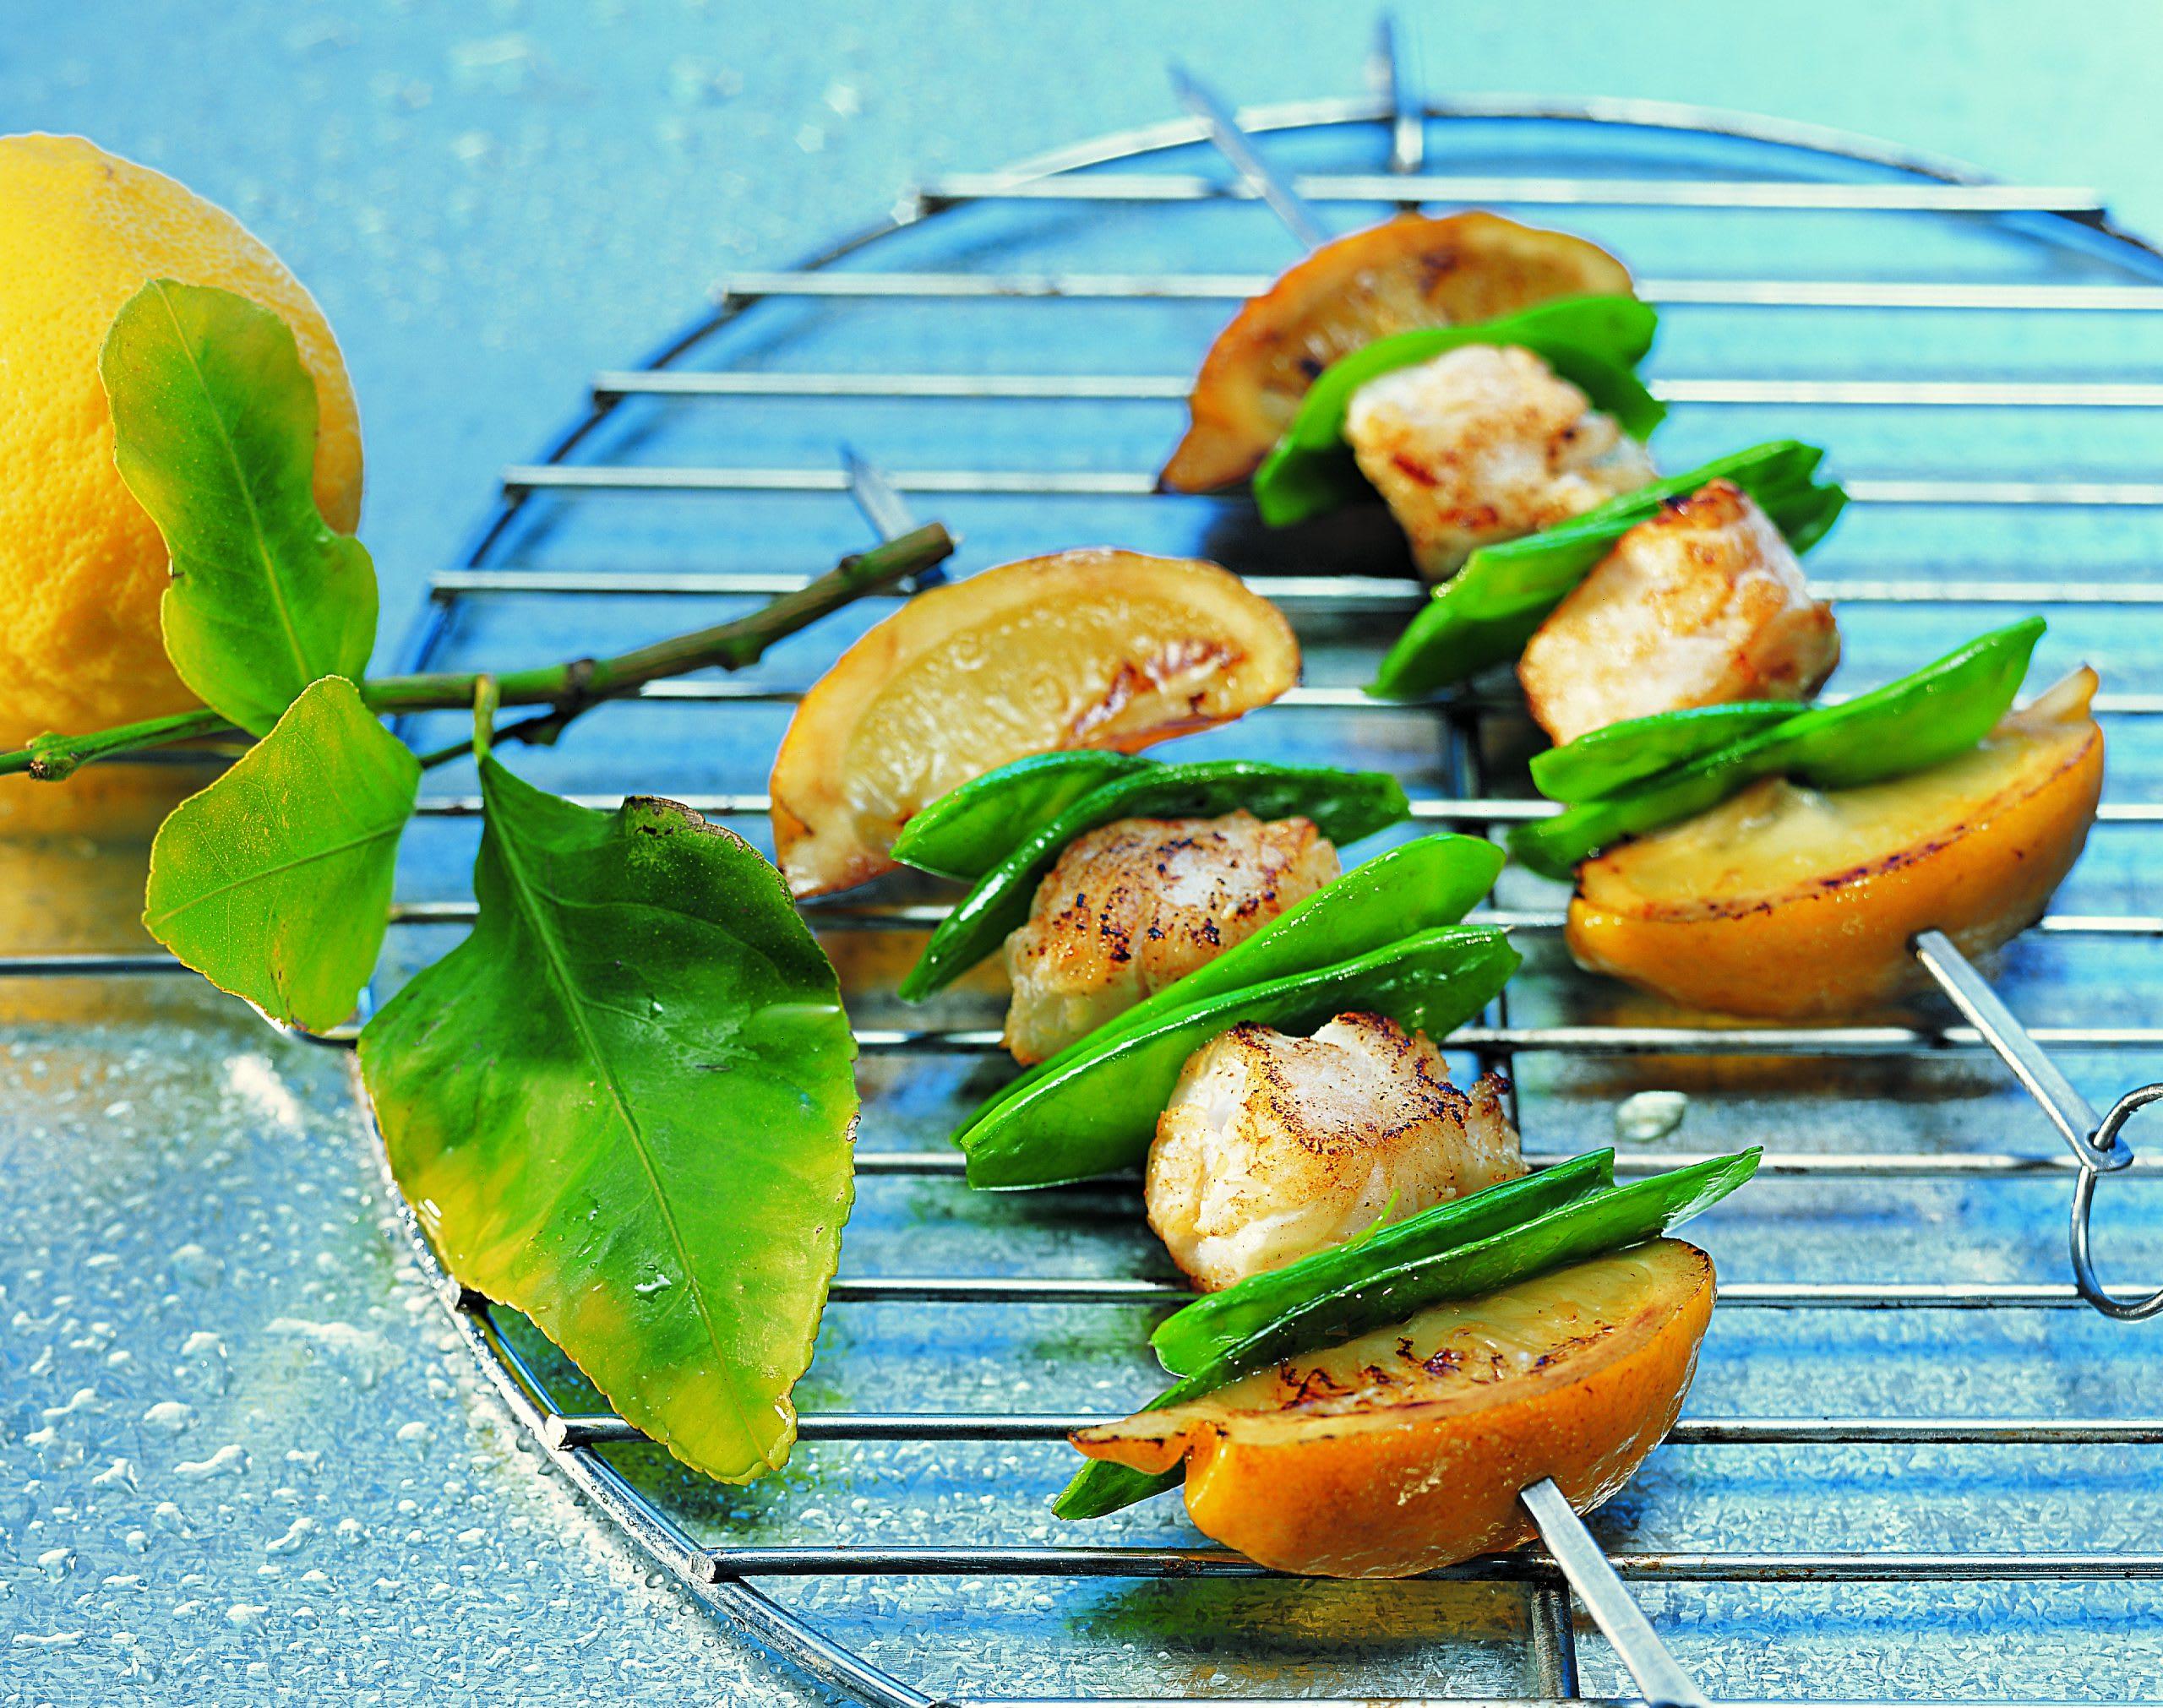 Fischspiesse vom Grill mit Zitronen-Pfeffer-Marinade